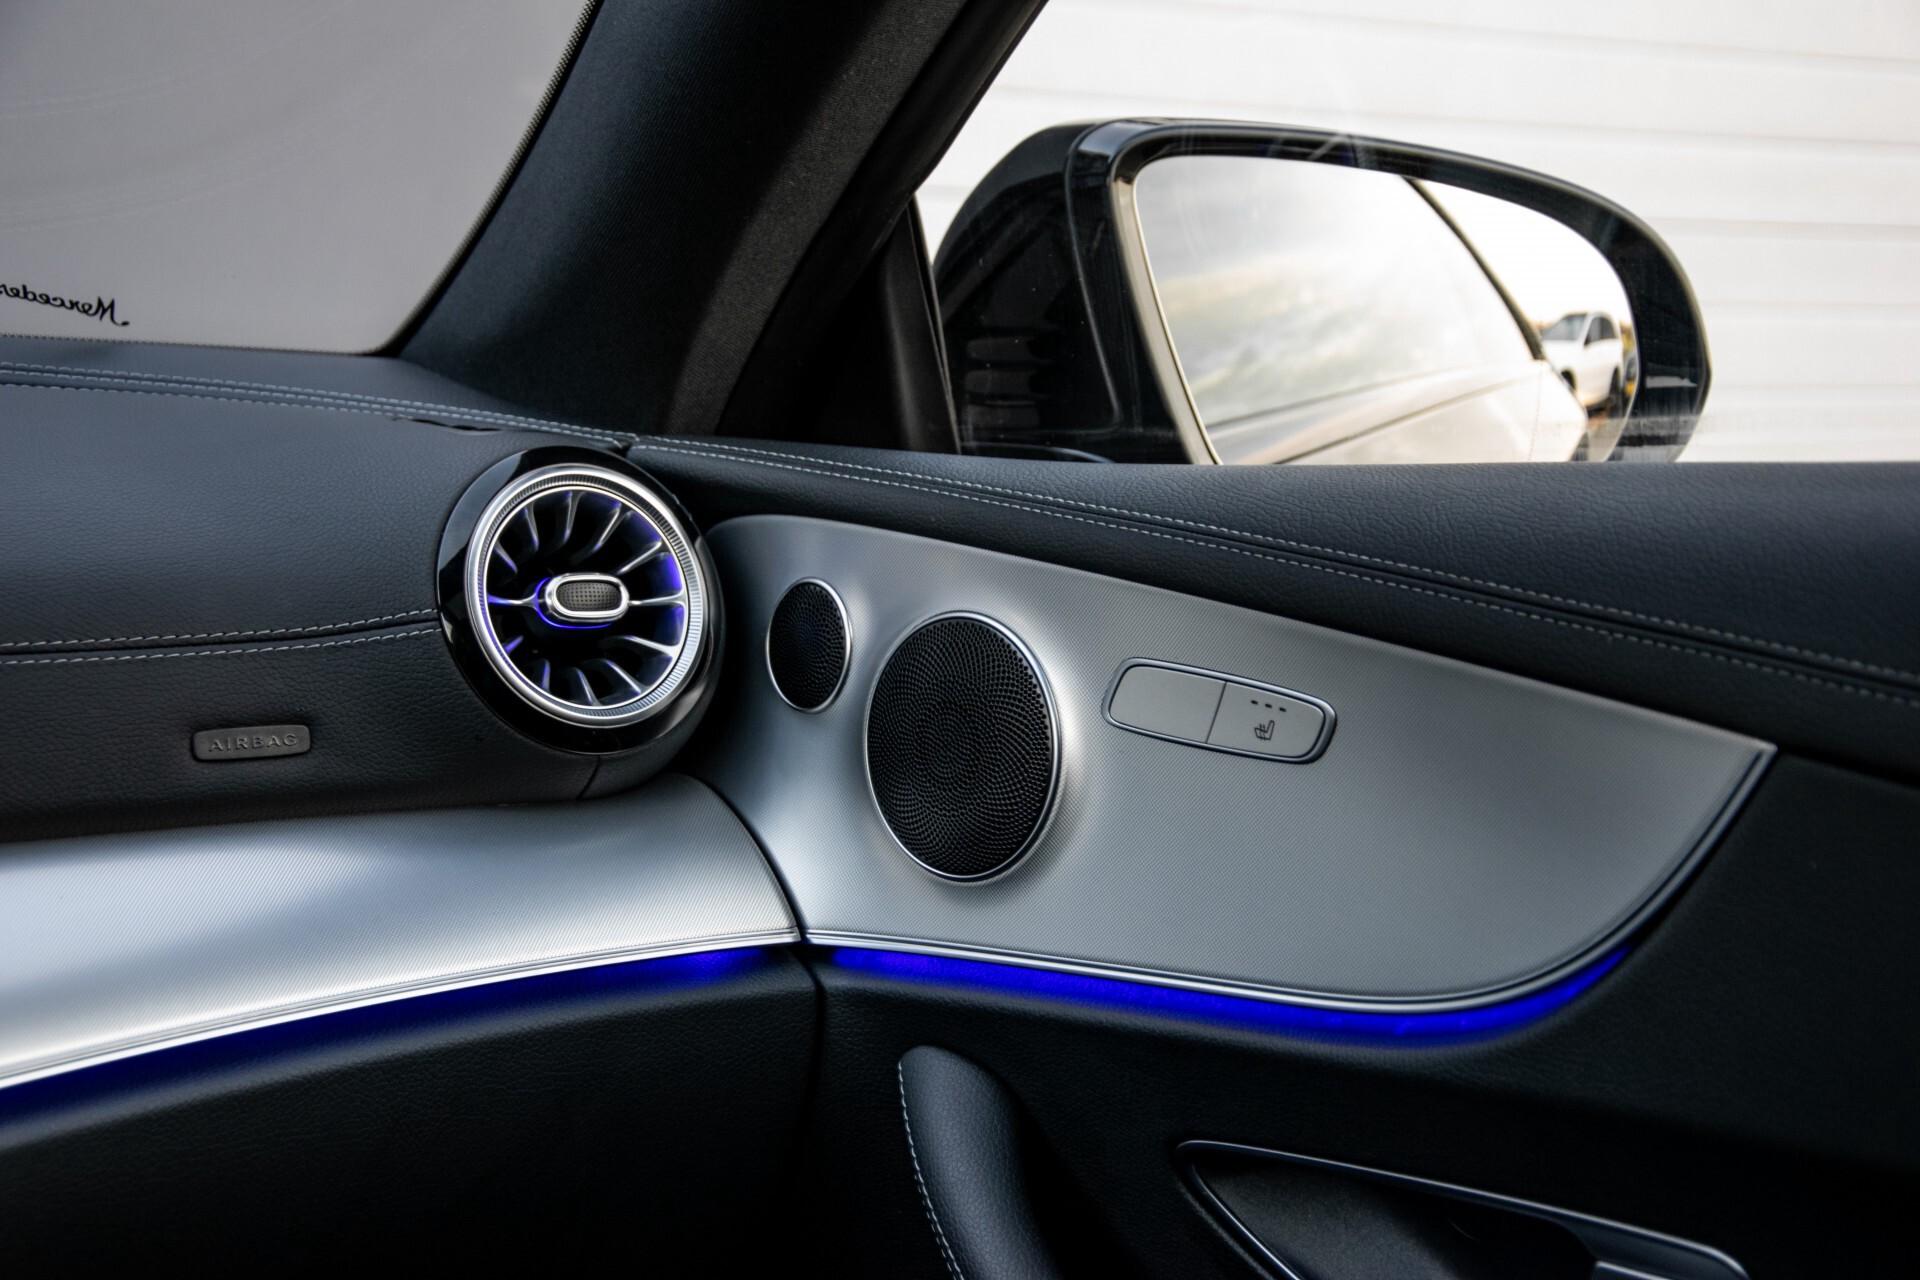 Mercedes-Benz E-Klasse Coupé 200 AMG Panorama/Night/Carbon/Premium/Widescreen/ILS Aut9 Foto 45